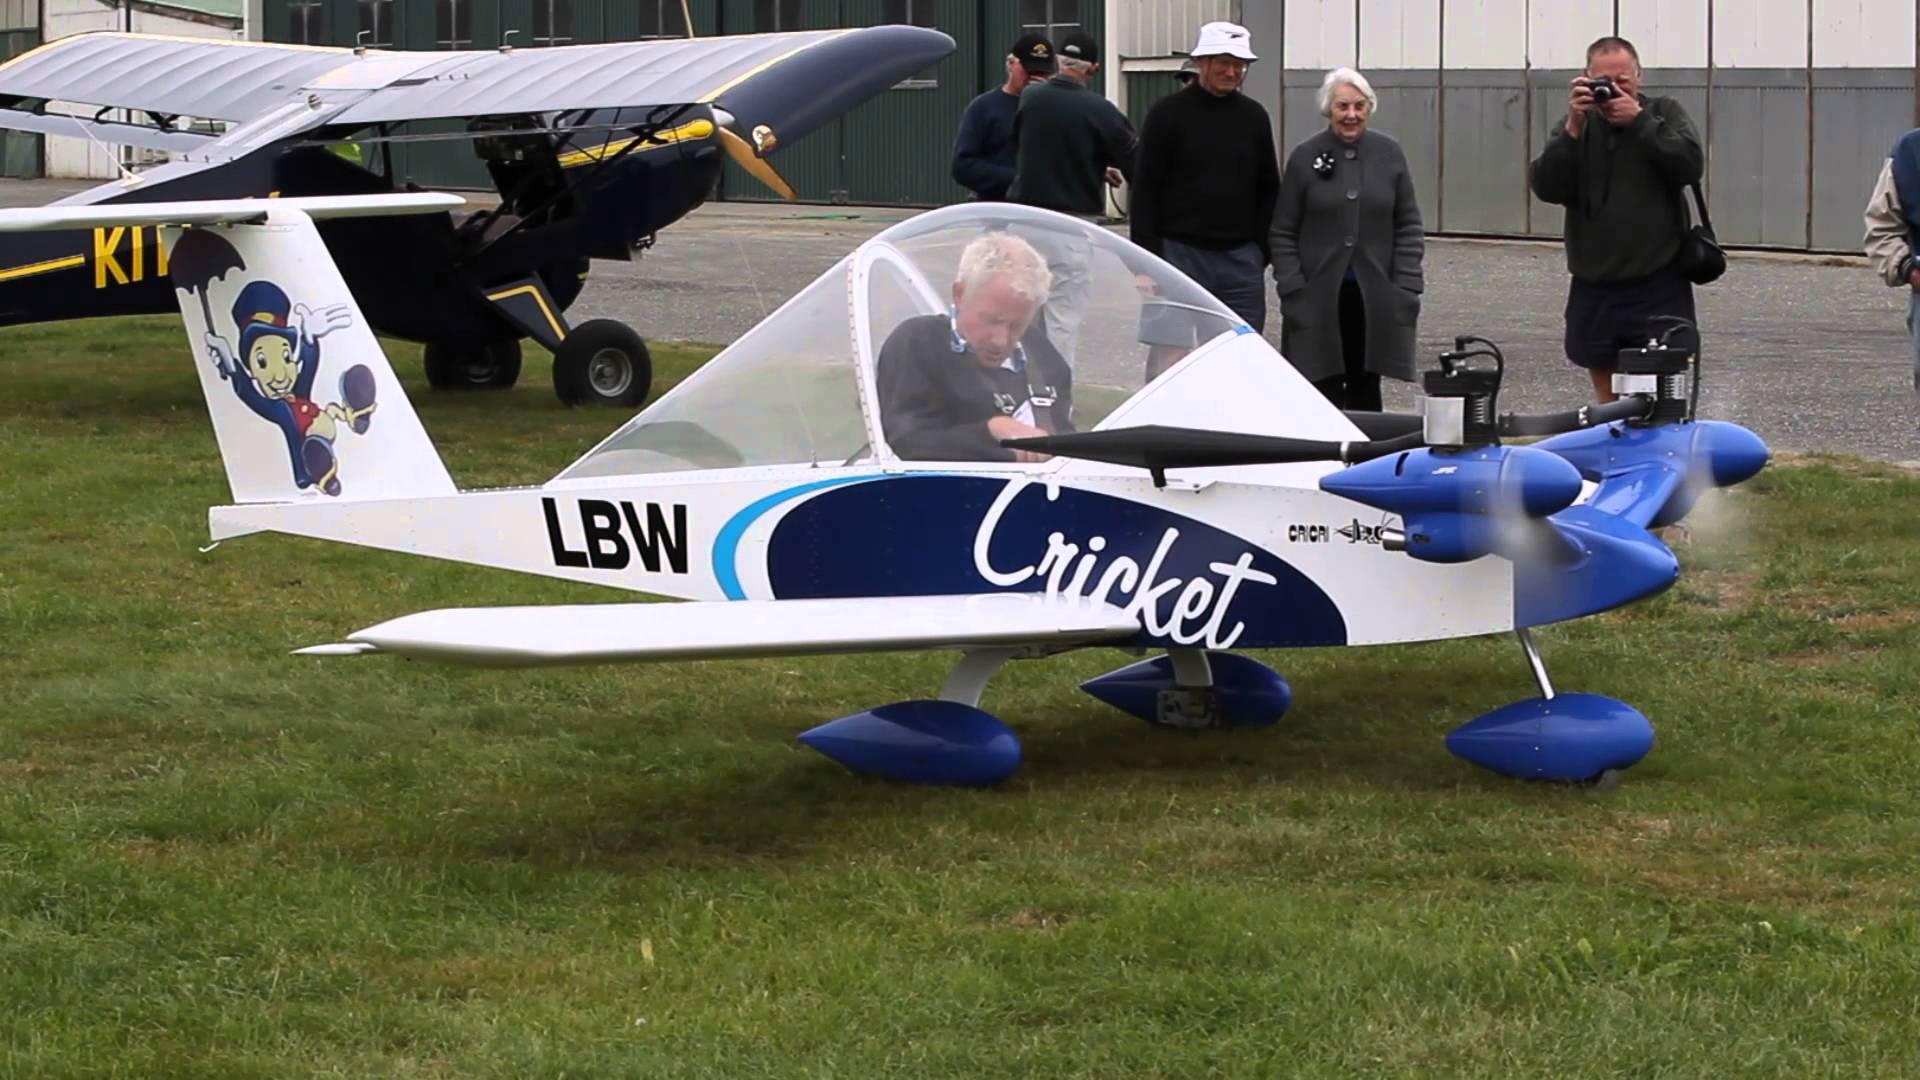 Cri-cri: το μικρότερο επανδρωμένο δικινητήριο αεροπλάνο στο κόσμο!